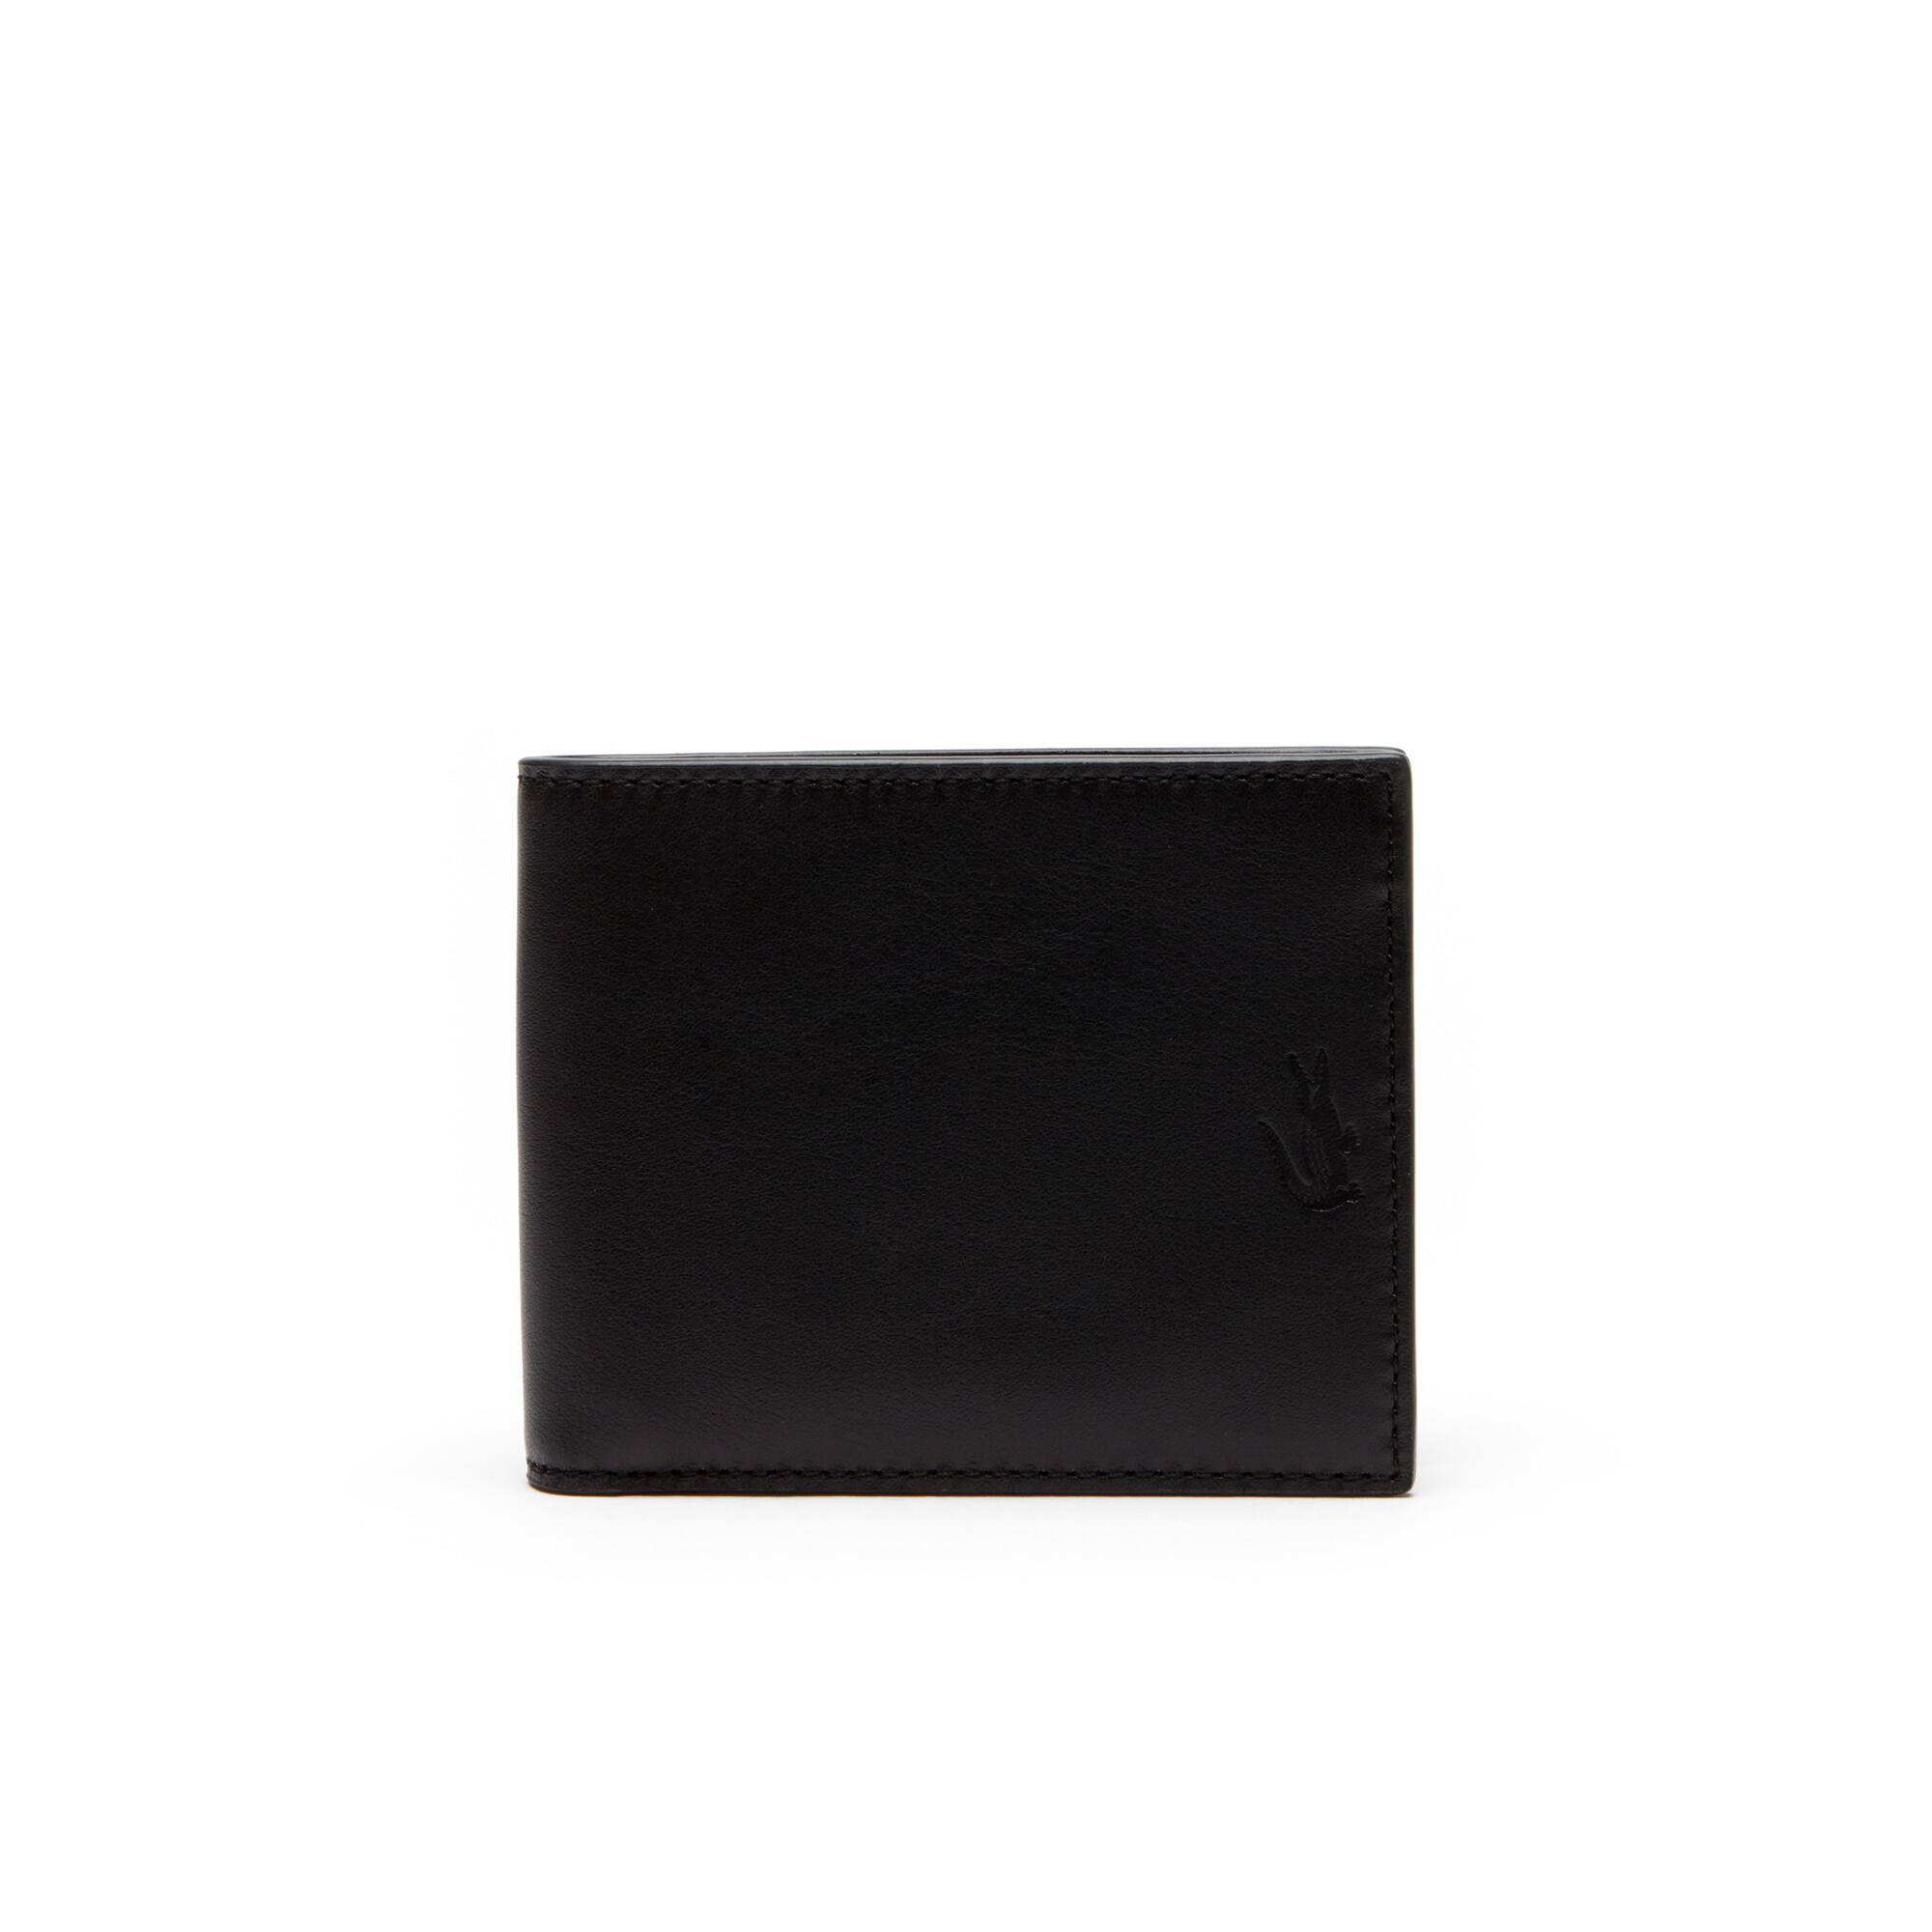 Carteira Full Ace em pele flexível unicolor 6 cartões